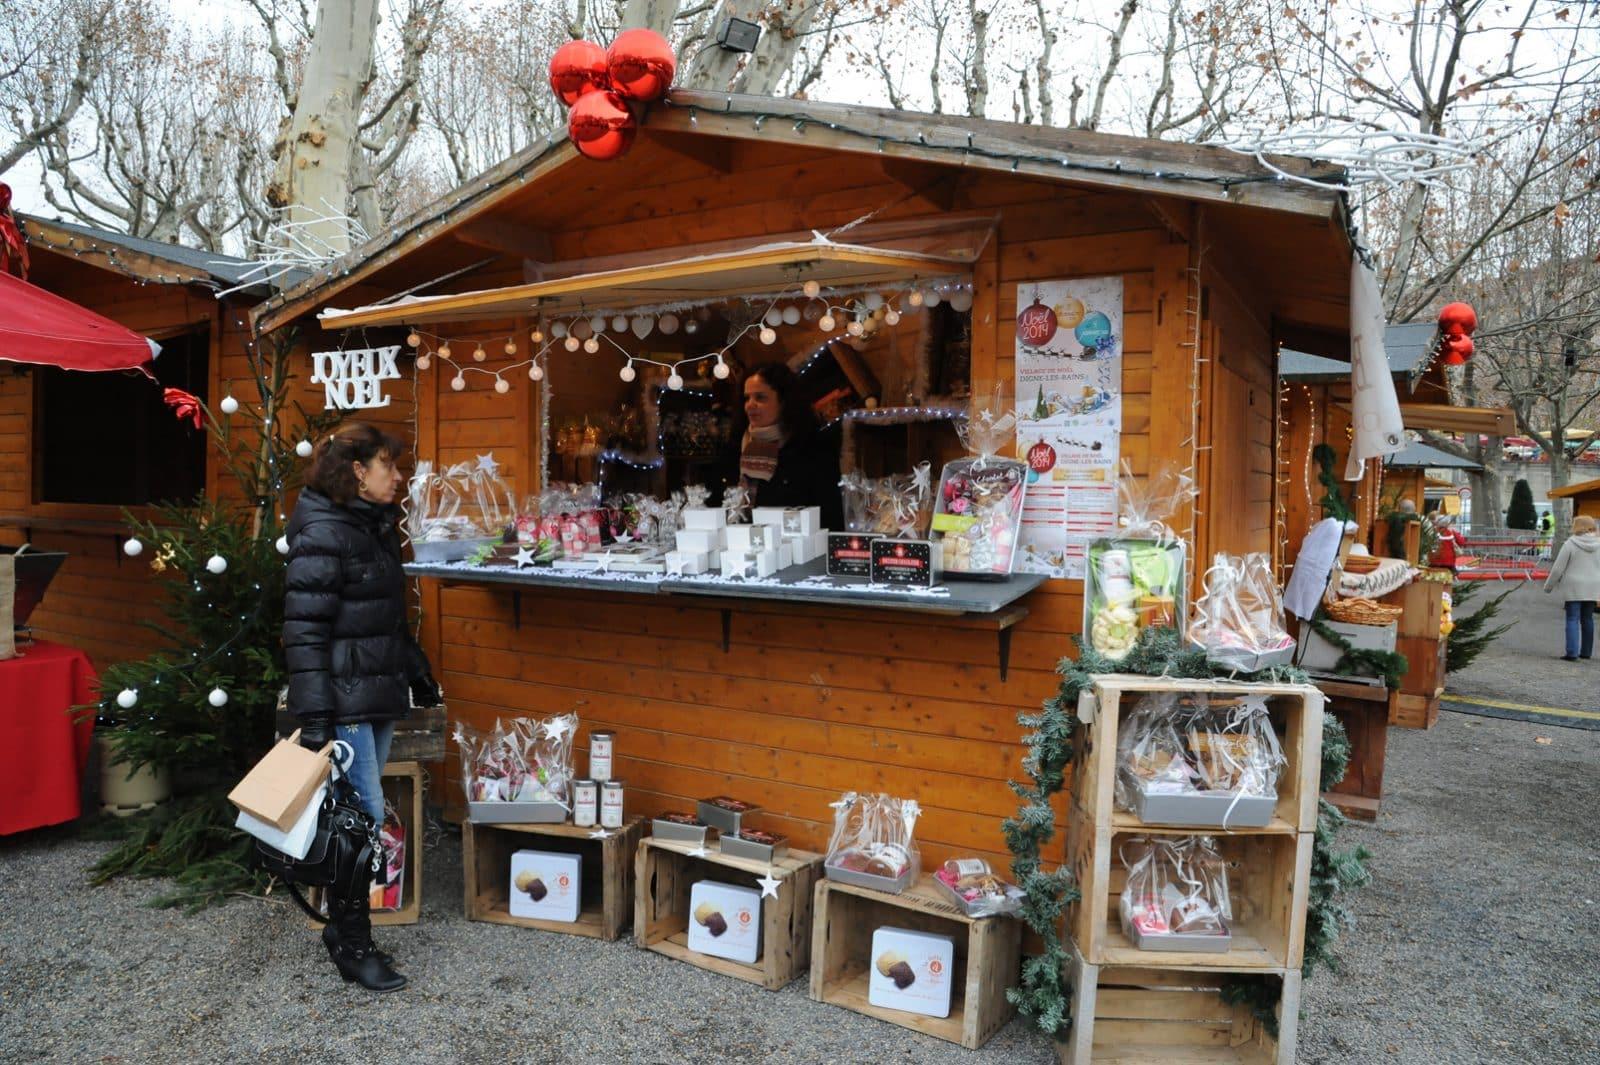 Chalet Marché De Noel Marché de Noël 2015, la location des chalets est ouverte   Ville